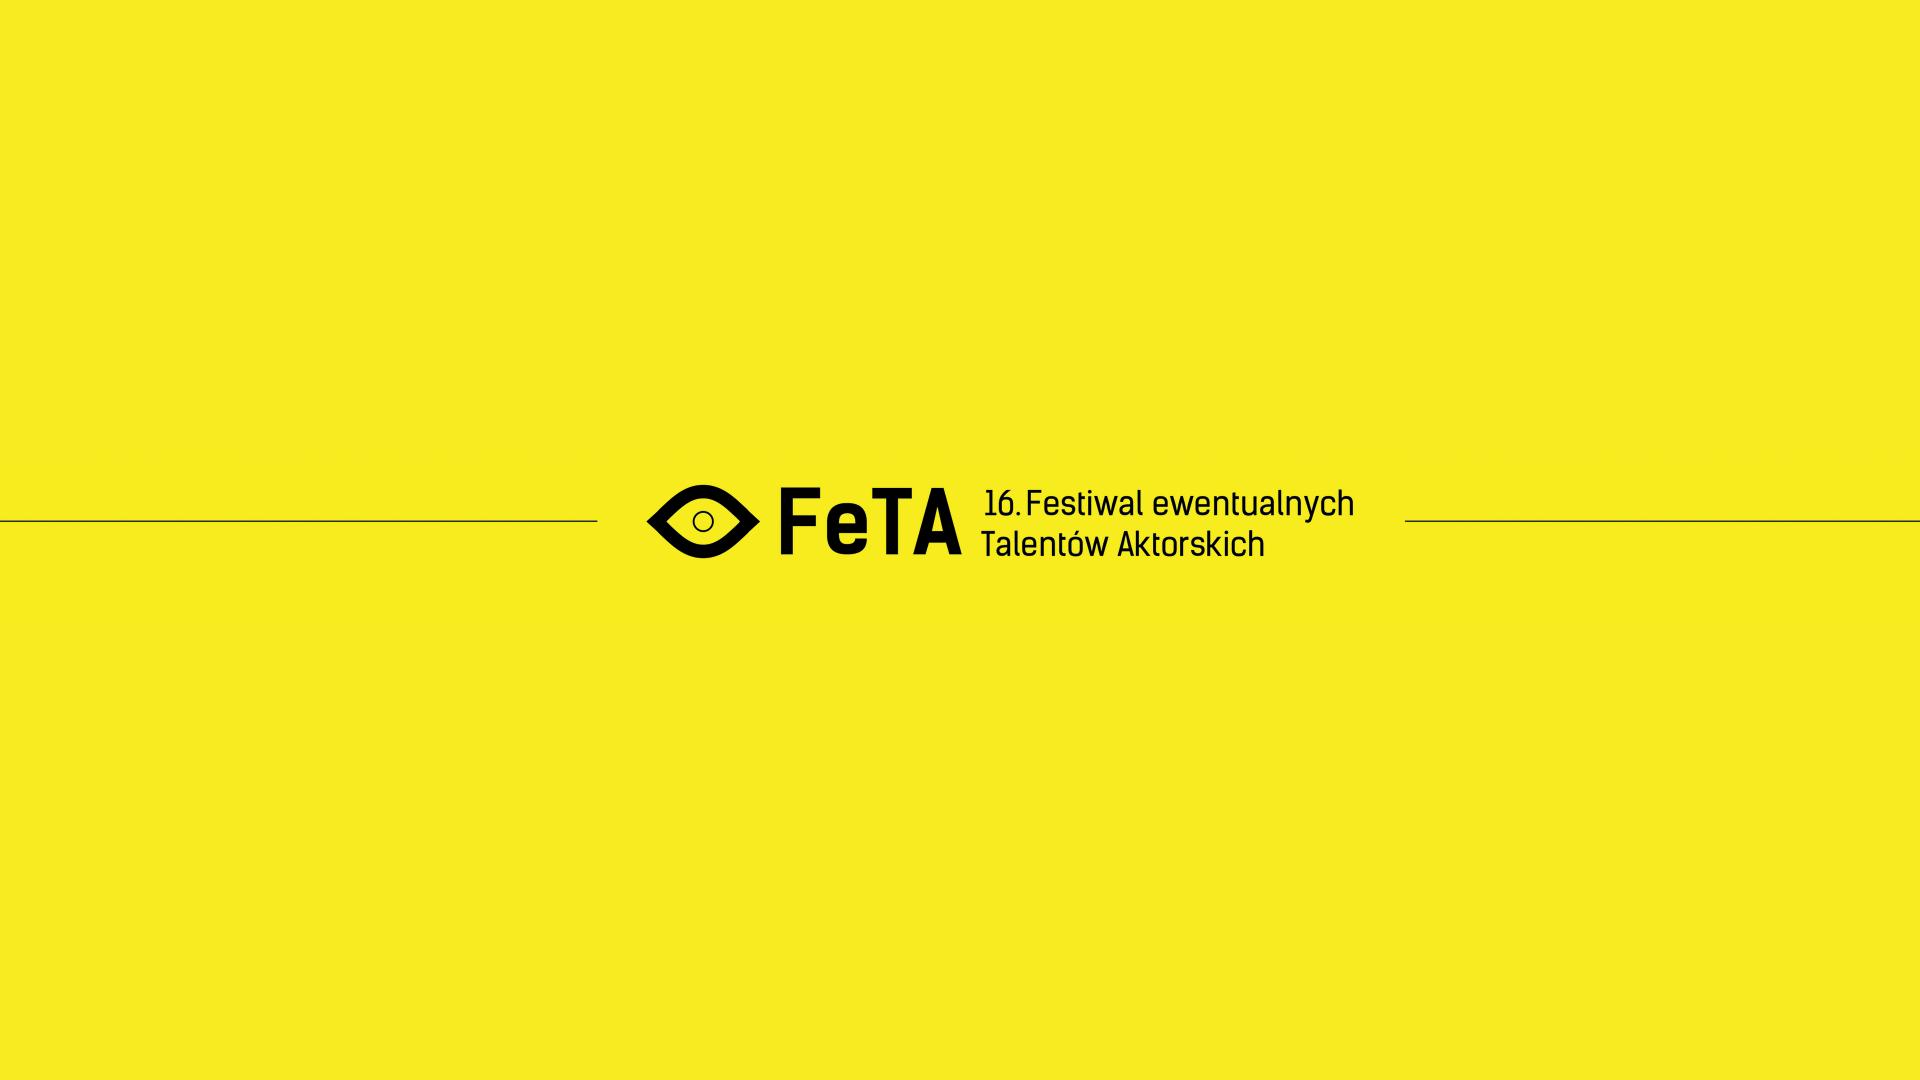 FeTA Festival